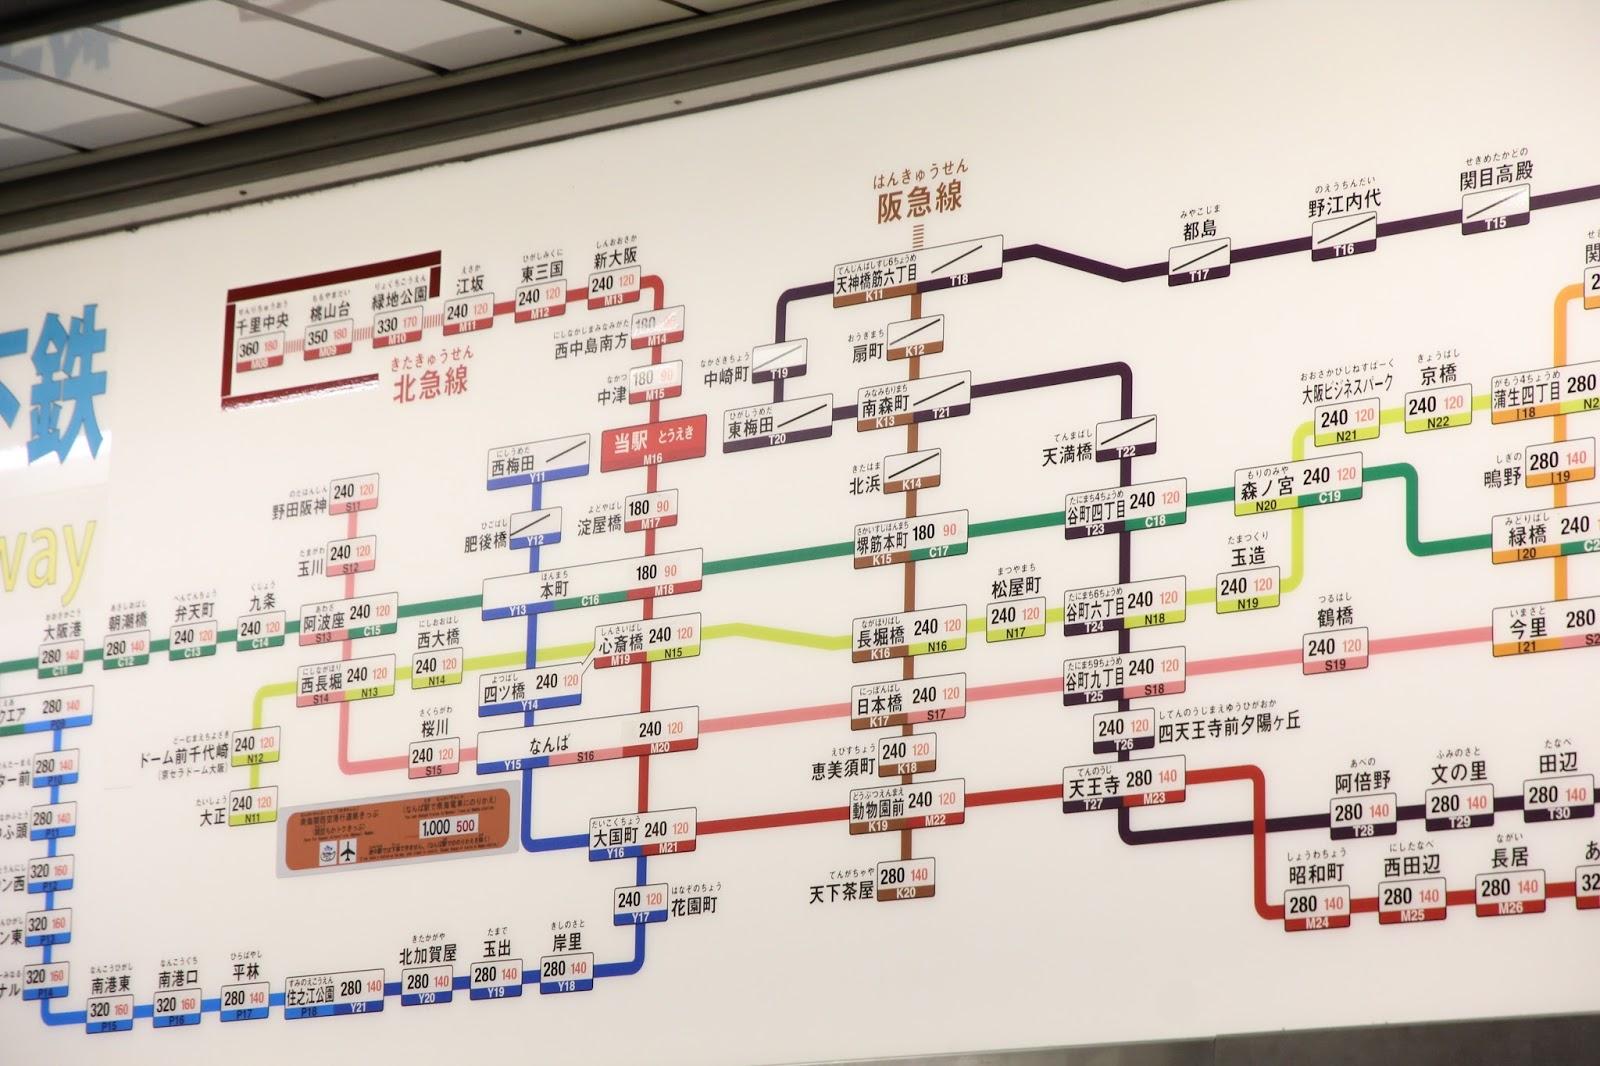 [大阪京都地鐵路線圖] 出發前可以先上網查詢路線 SAVE入手機,就唔怕迷路啦! 交通 地鐵 巴士 卷 一天 PASS 資料 ...